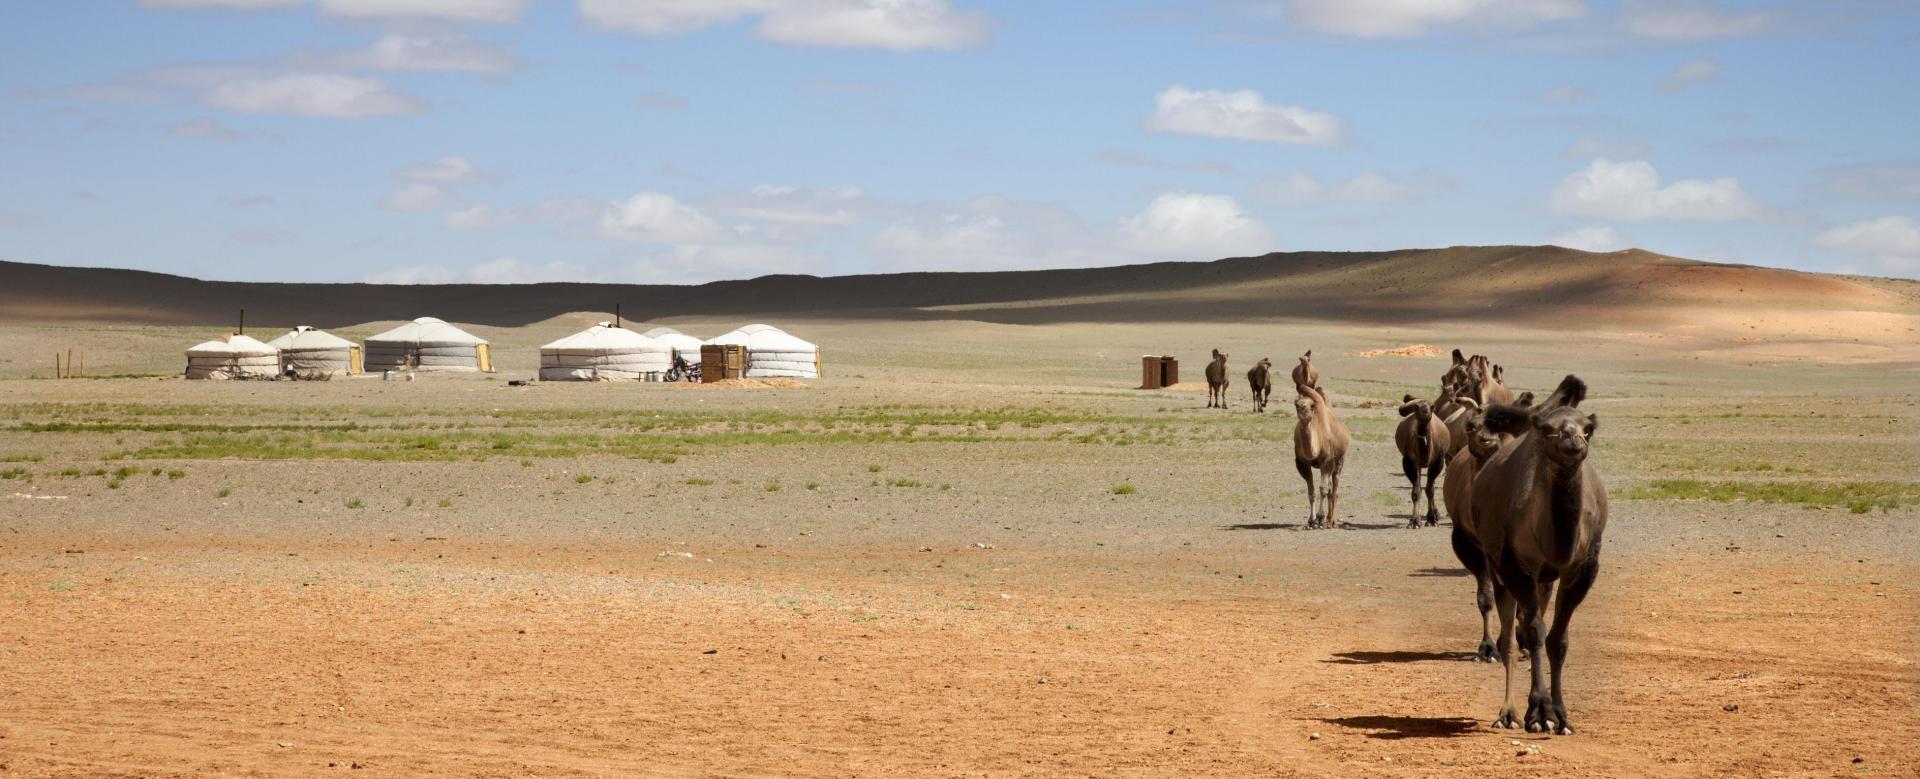 Voyage à pied : Nomades, steppes et désert de gobi